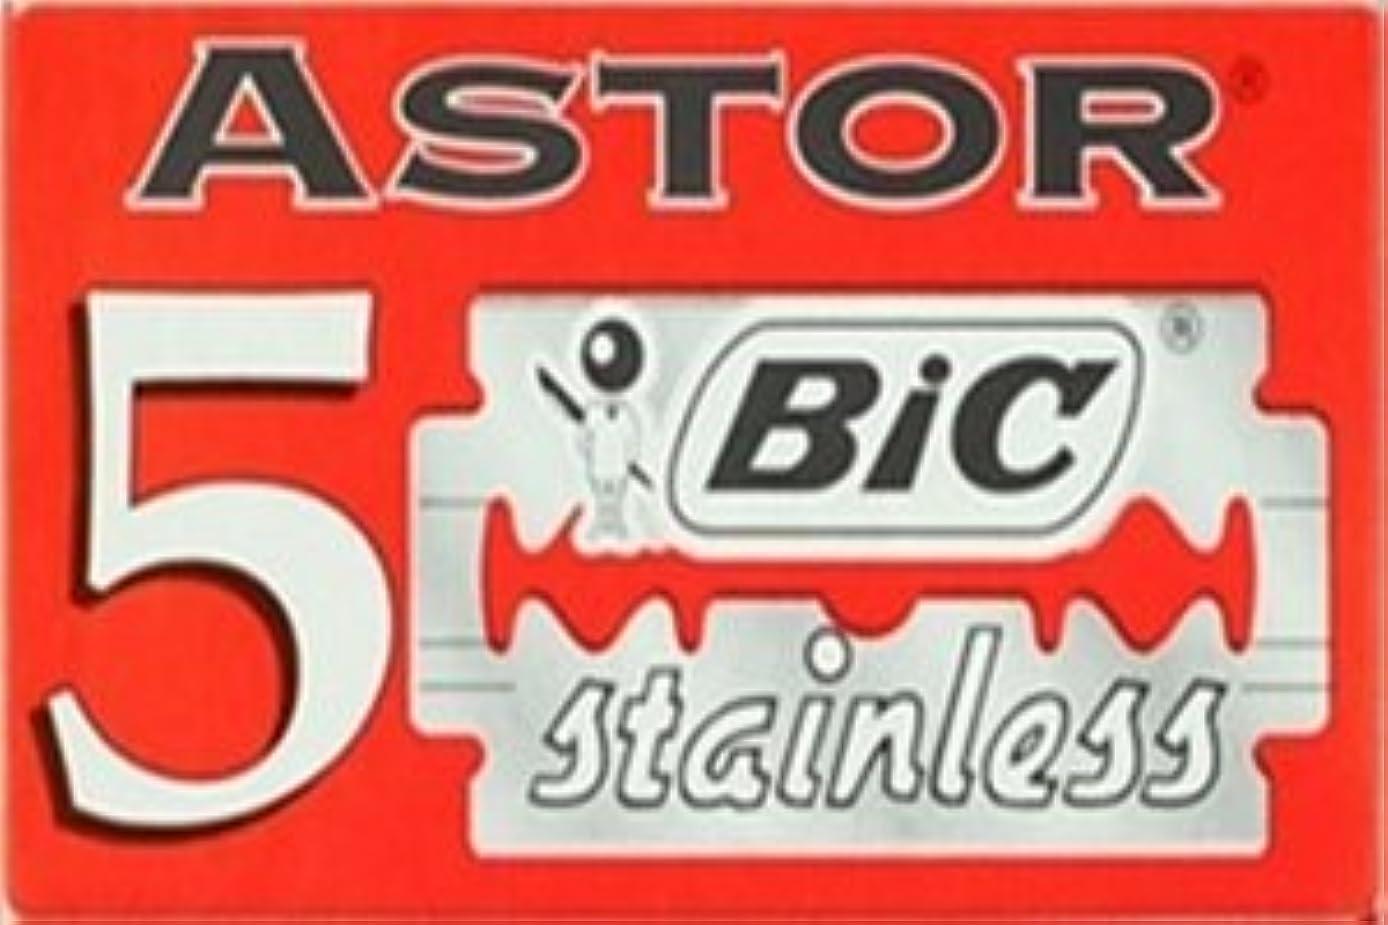 天ので出来ているハウジングBIC Astor Stainless 両刃替刃 5枚入り(5枚入り1 個セット)【並行輸入品】